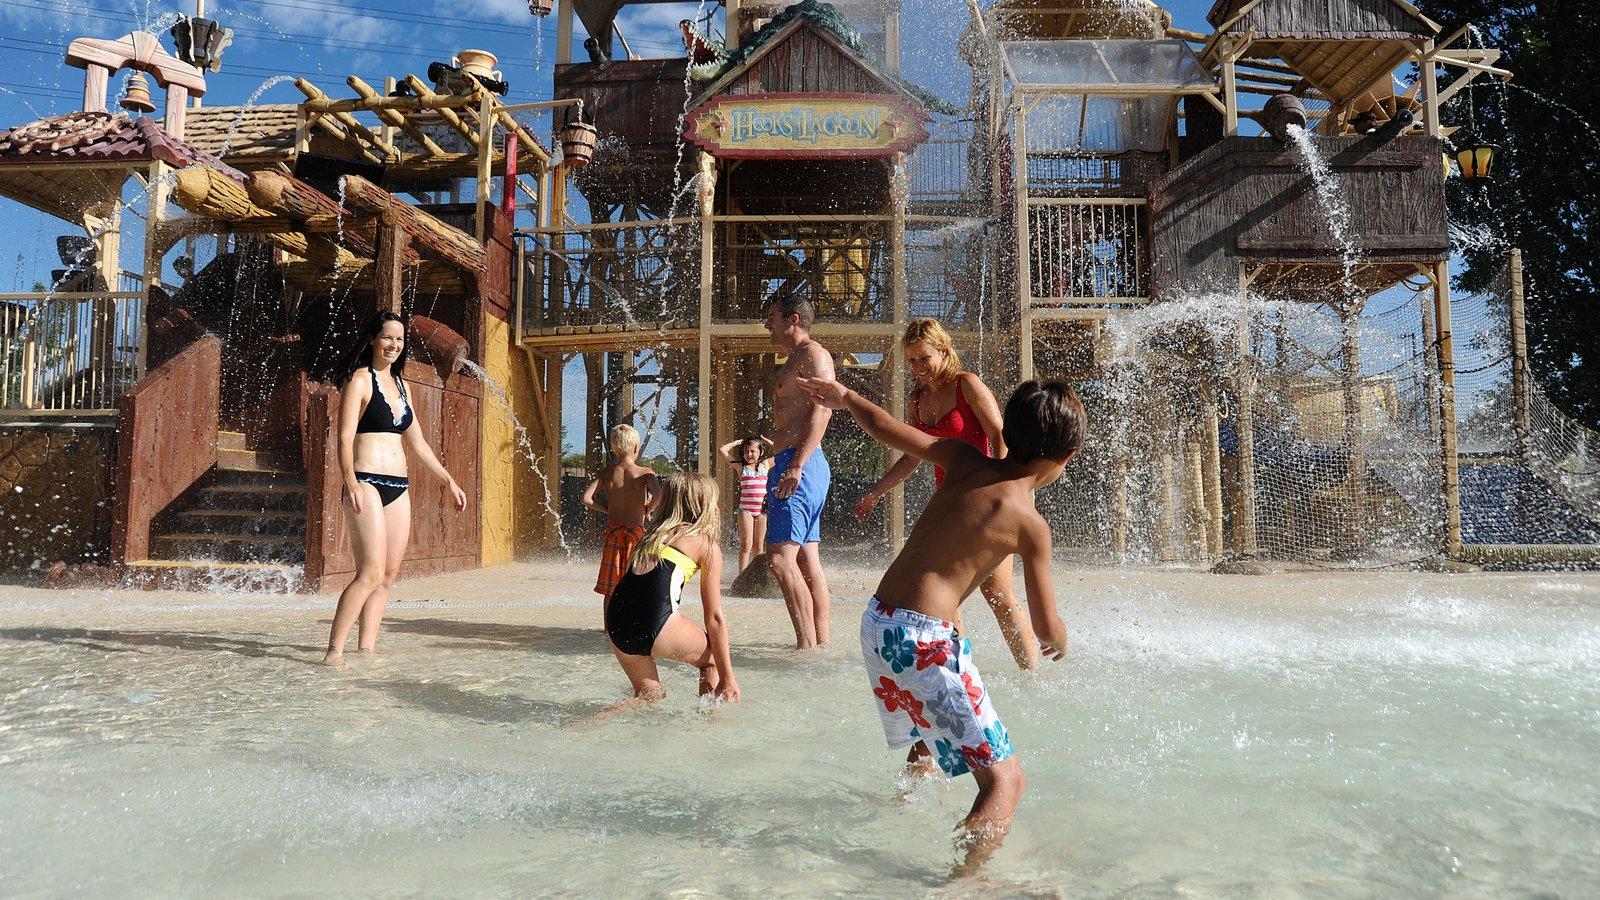 Elitch Gardens Theme Park caracterizando uma piscina e um parque aquático assim como um pequeno grupo de pessoas